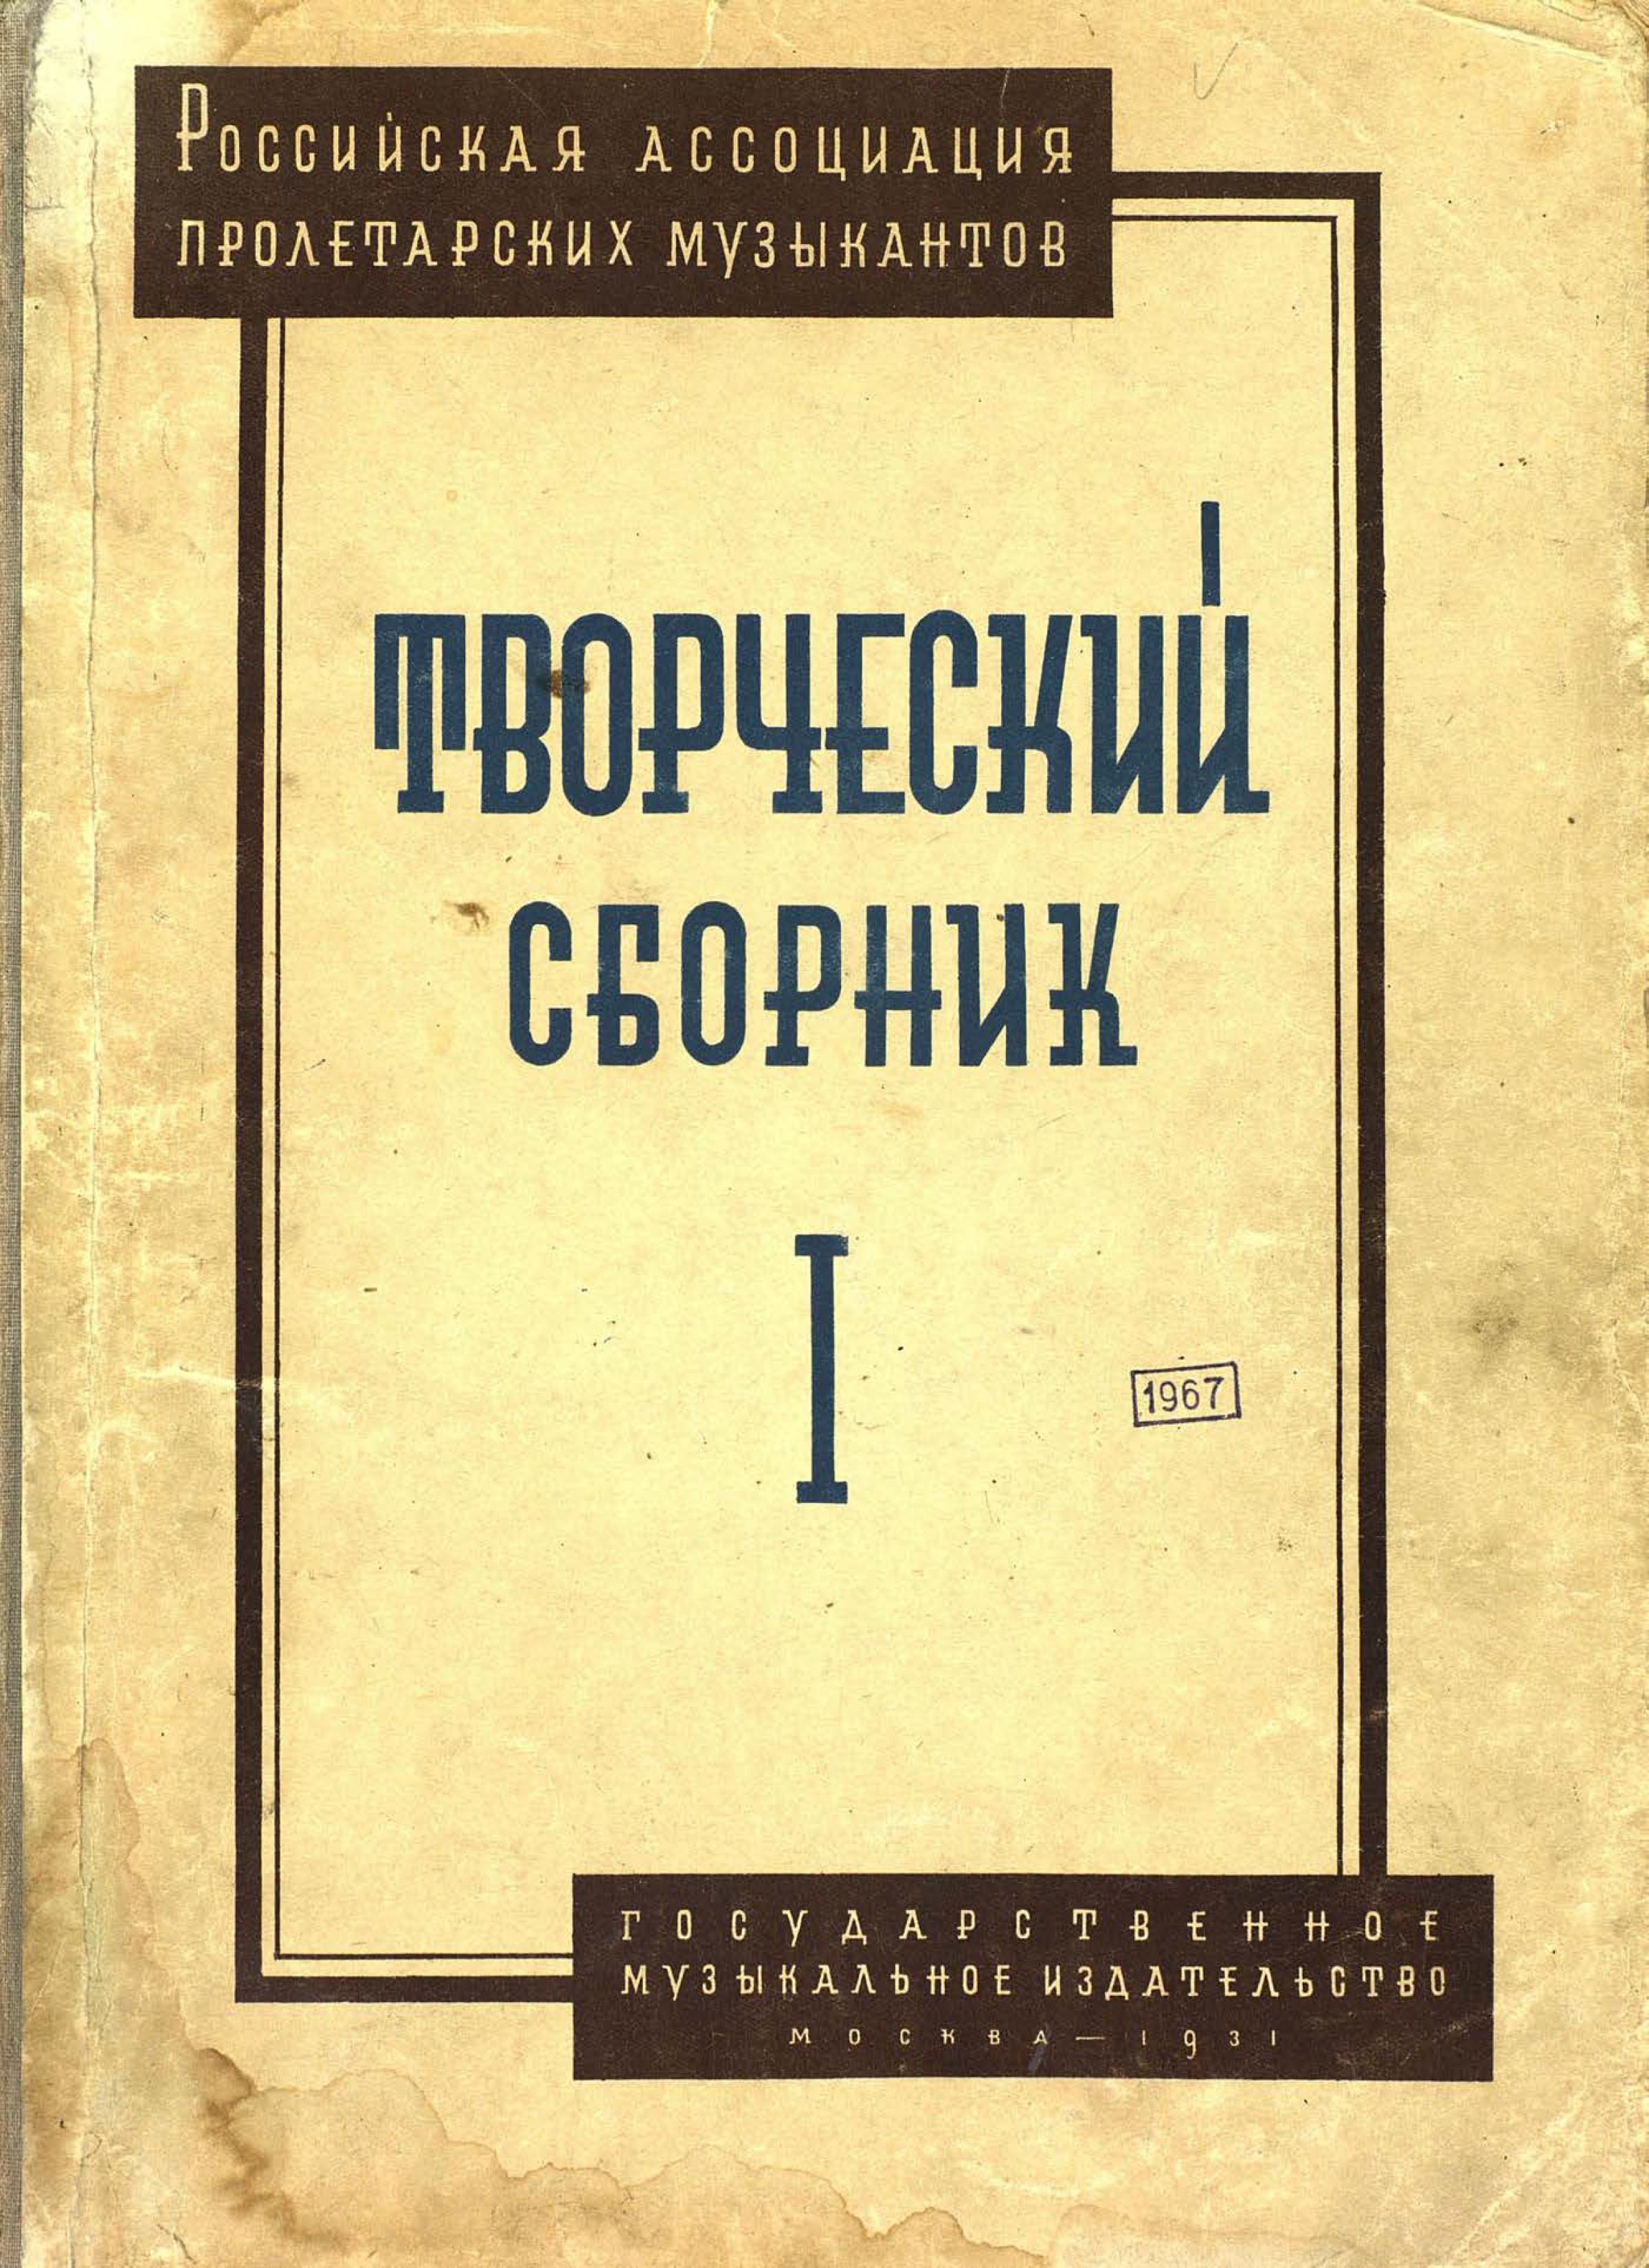 Народное творчество Творческий сборник сборник творчество